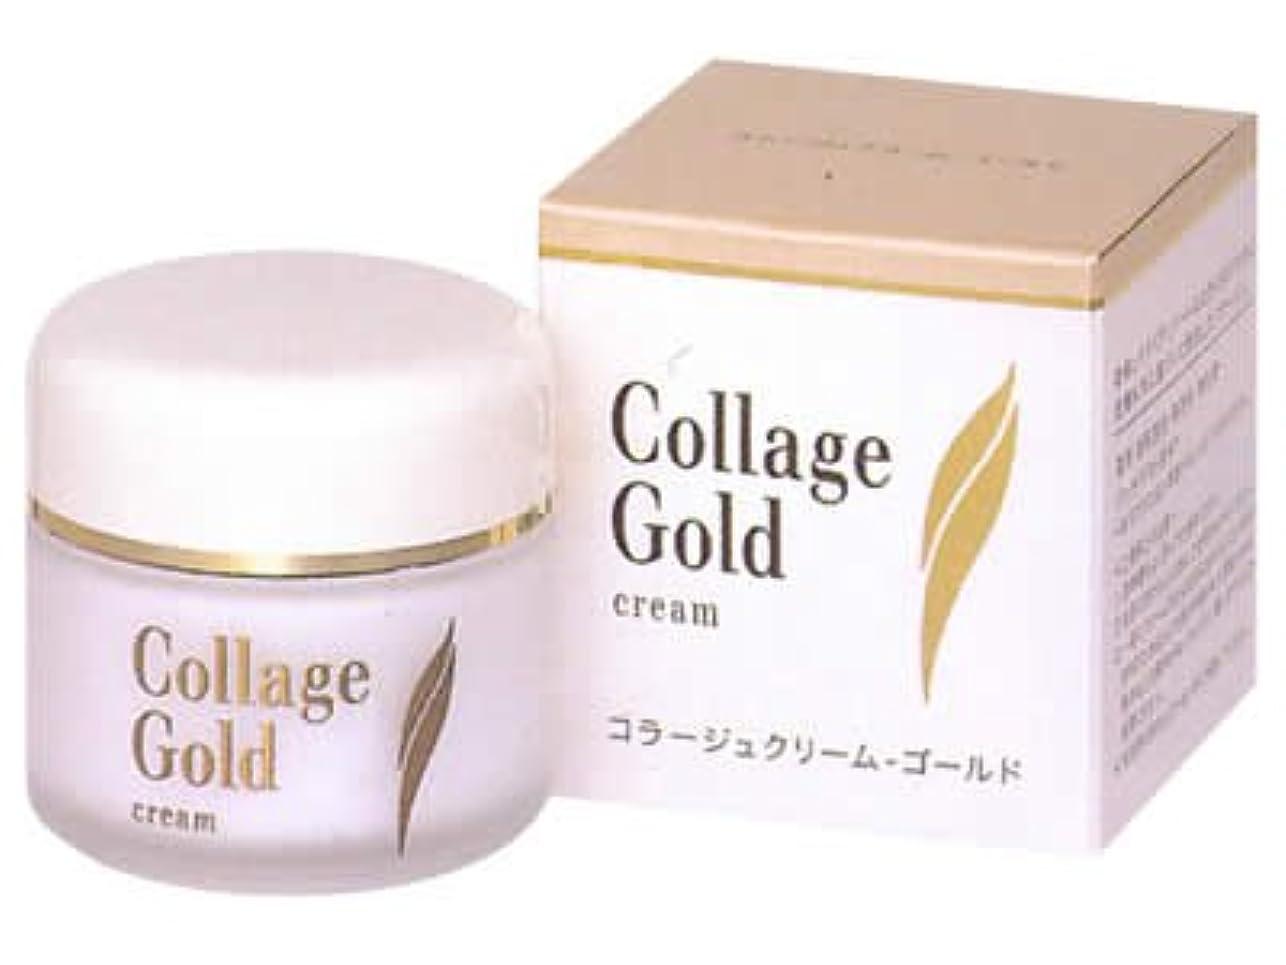 ペンスおっとゴミコラージュ クリーム-ゴールドS 35g (医薬部外品)